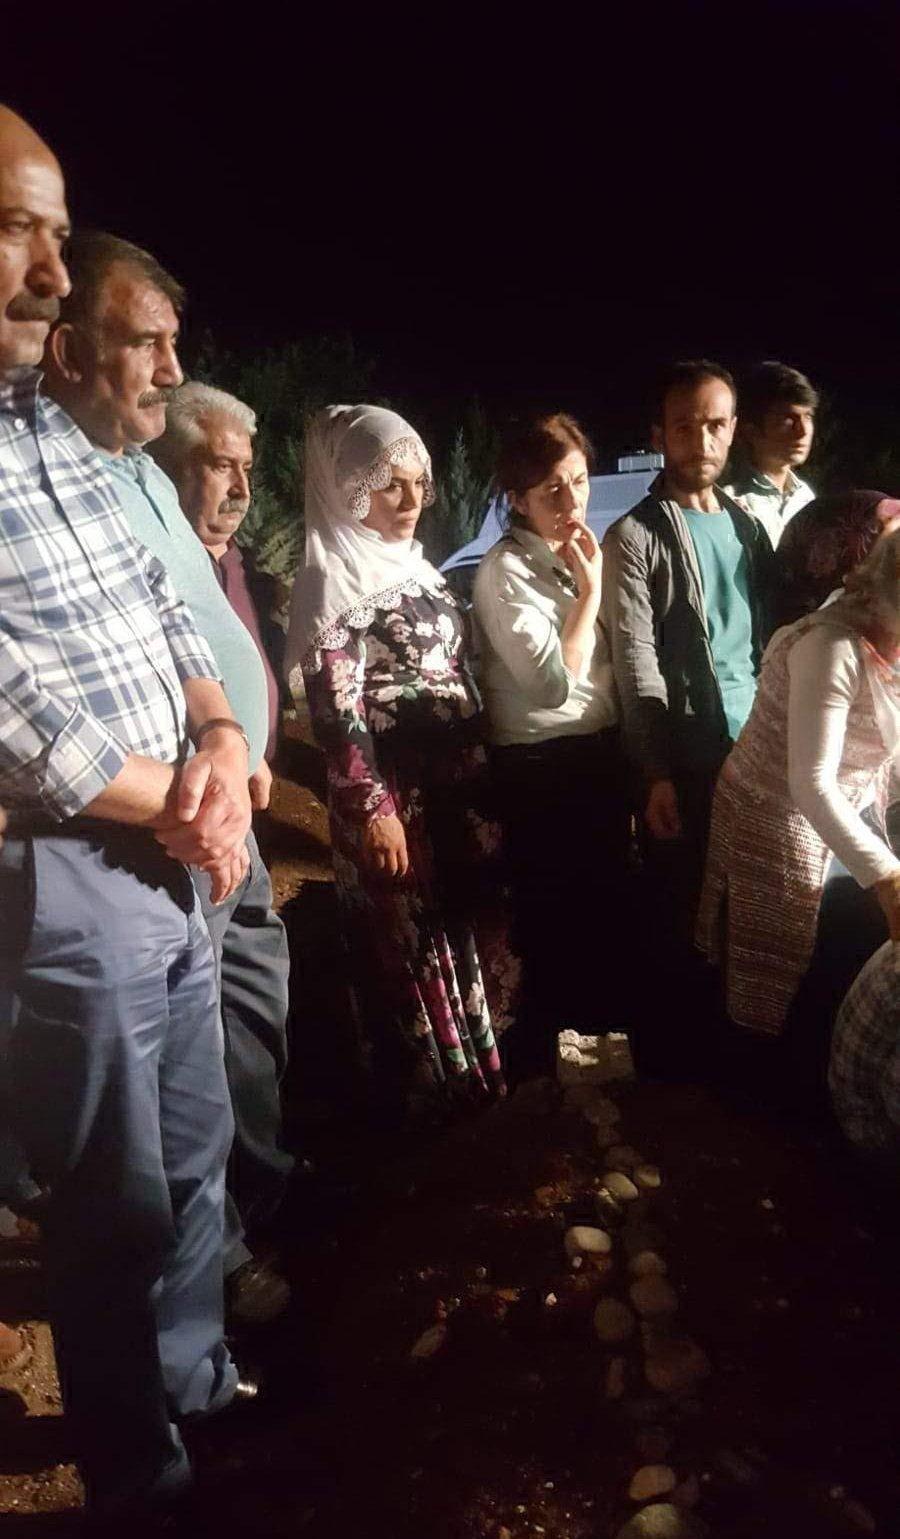 Demirören Haber Ajansı (DHA) HDP Diyarbakır milletvekilleri Musa Farisoğulları ve Remziye Tosun'un, PKK'lı Mehmet Yakışır'ın cenazesine katıldığı fotoğrafı paylaşmıştı.